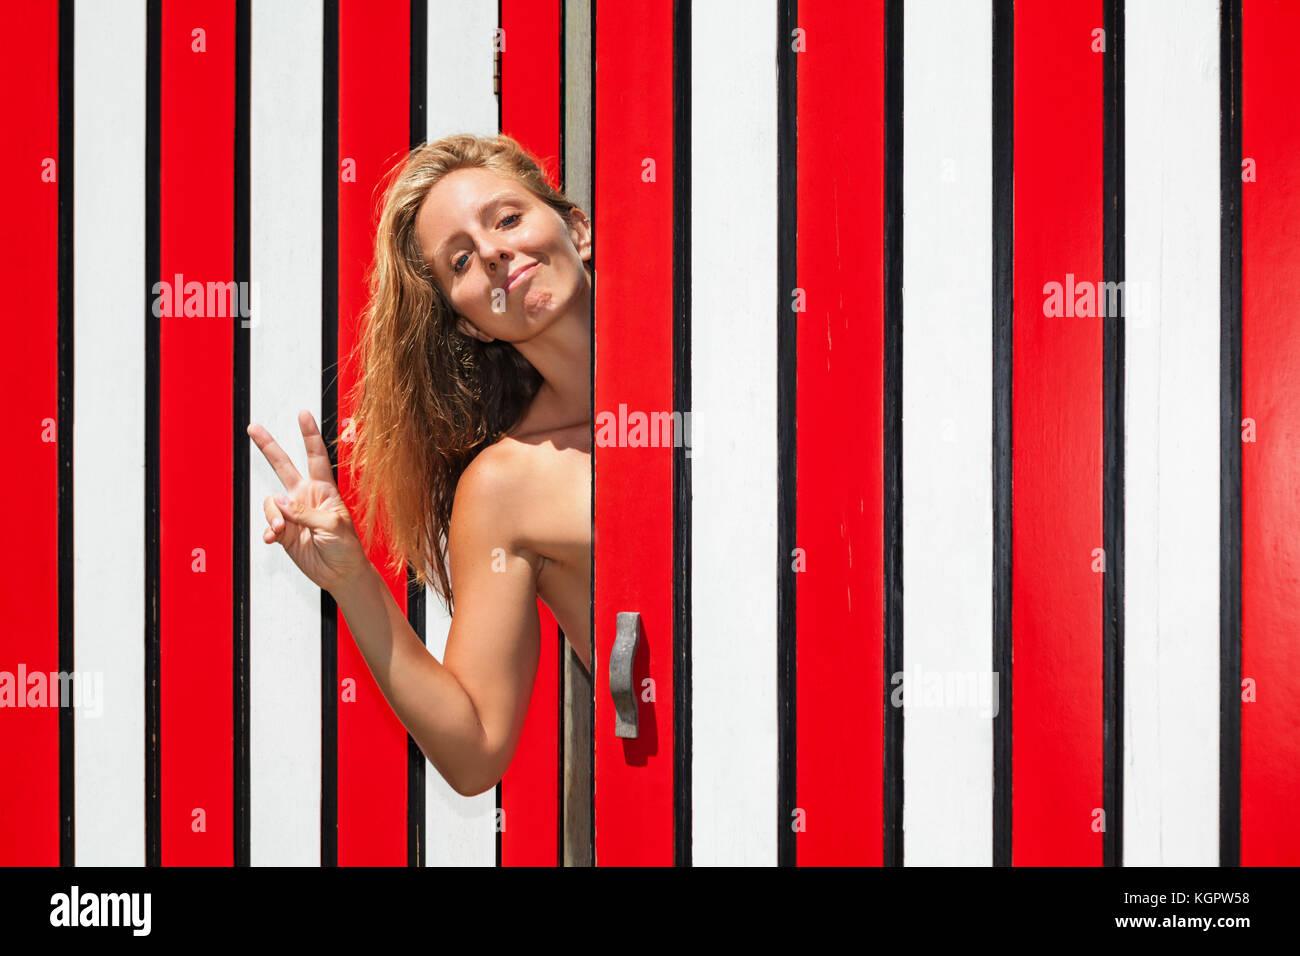 Glücklich lächelnde junge blonde Frau gegen Rot gestreifte Wand der Strand Umkleidekabine Spaß hat, Stockbild